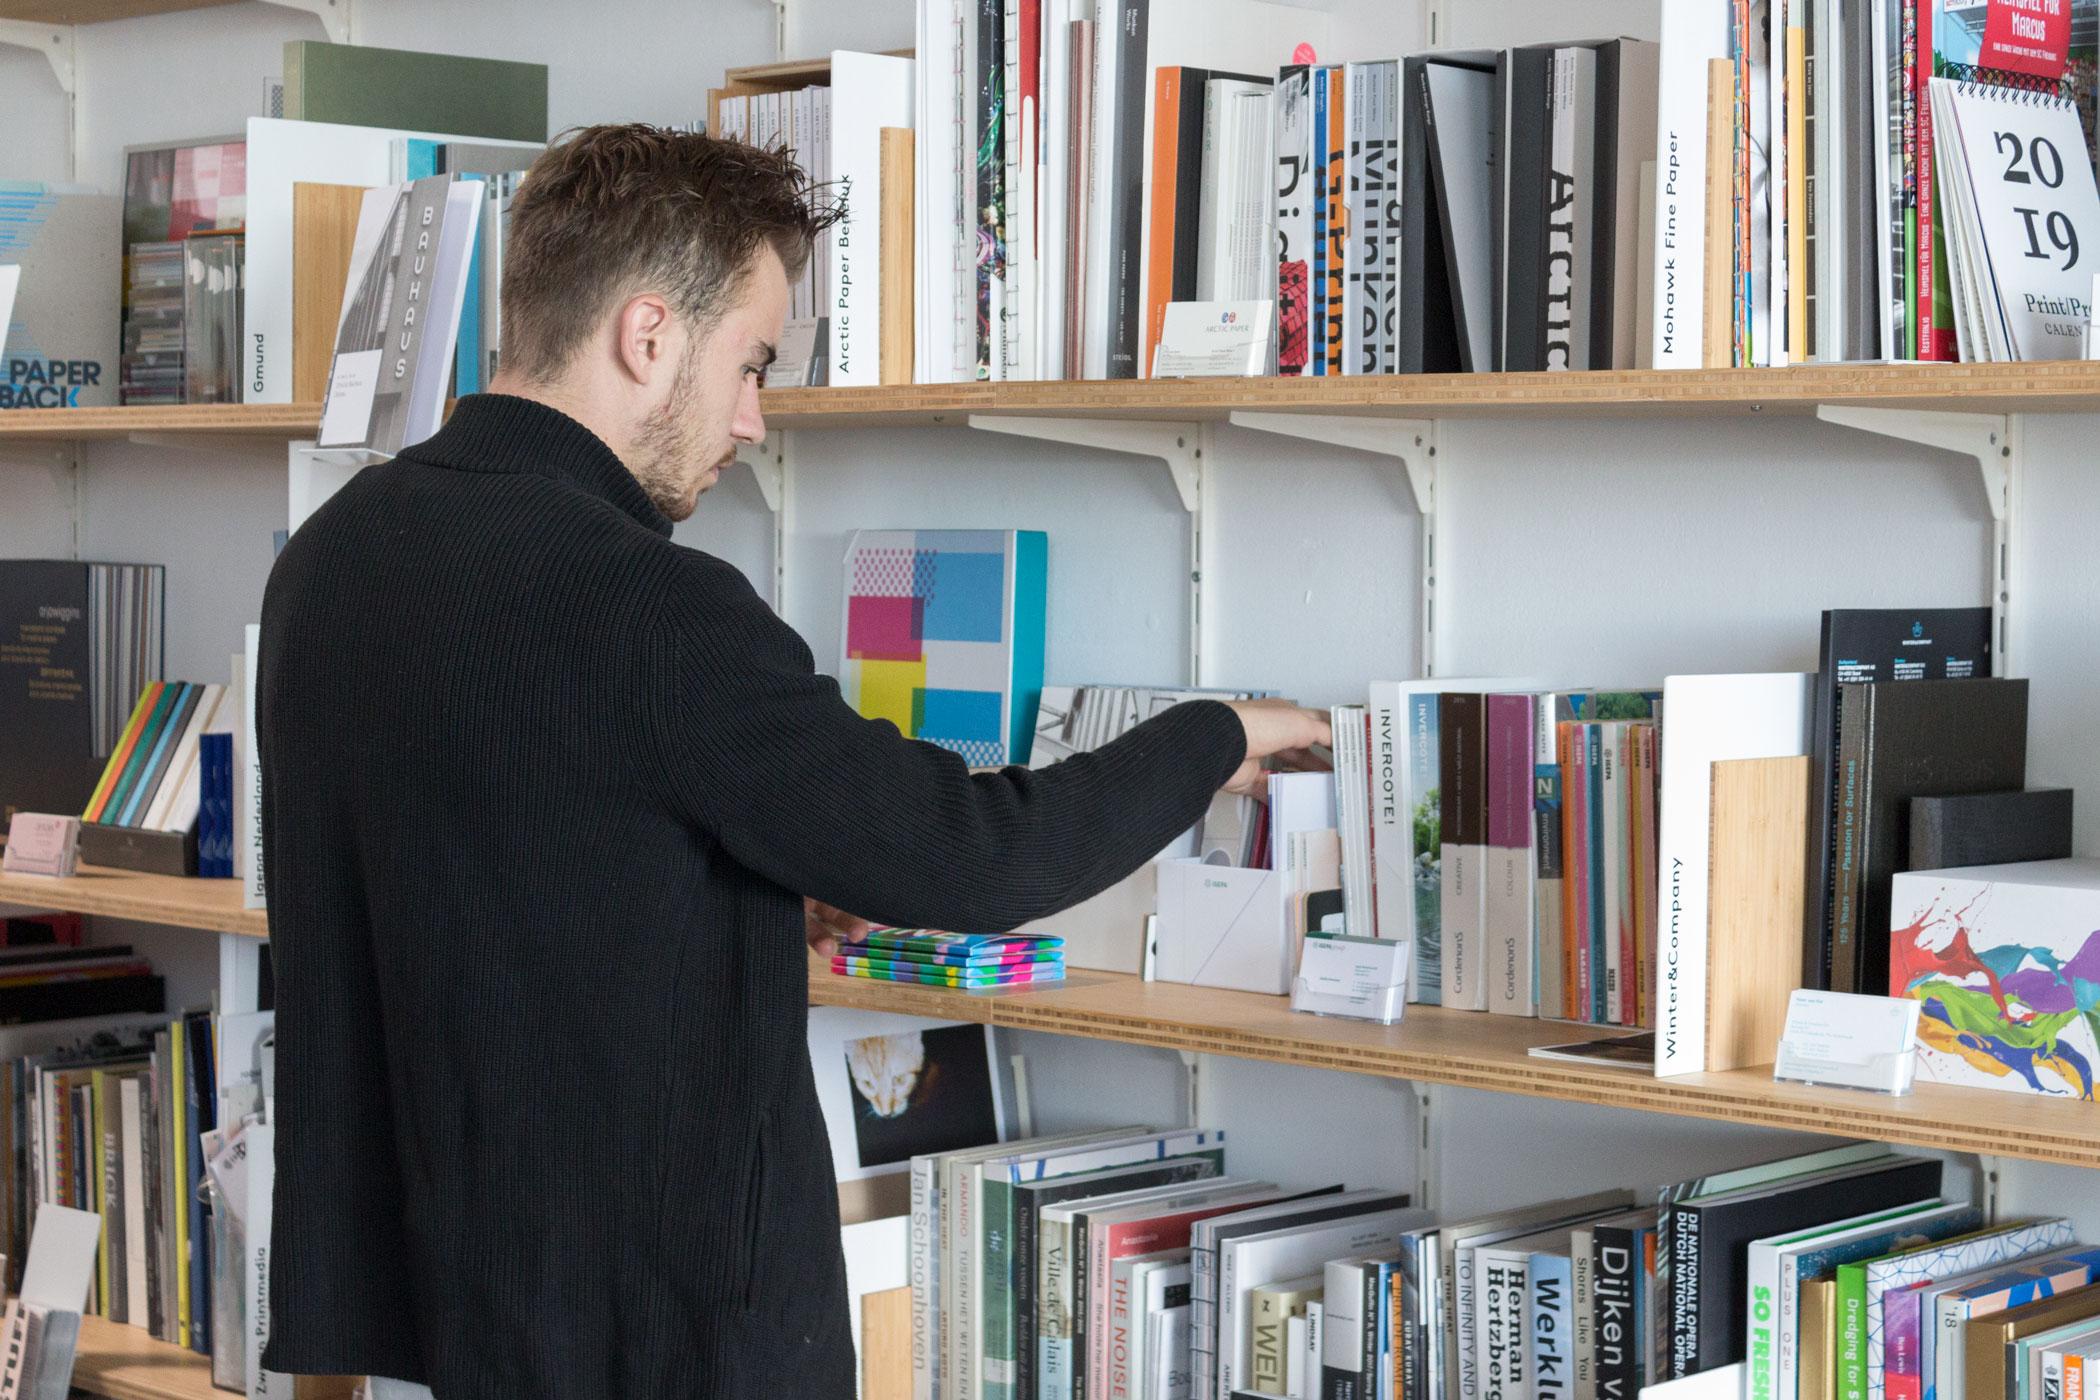 Studenten van Den Skandinaviske Designhøjskole uit Denemarken